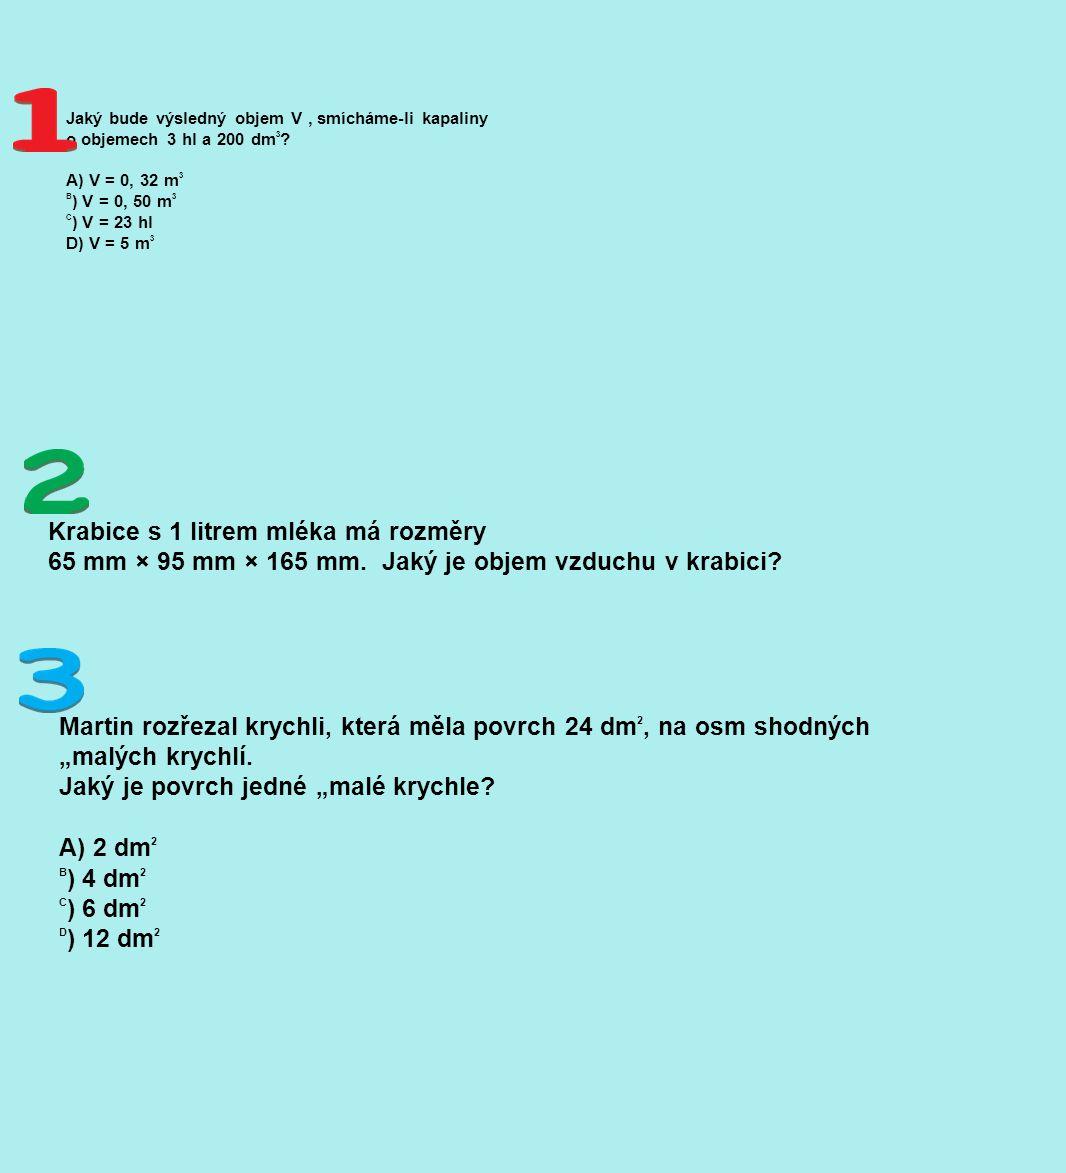 Jaký bude výsledný objem V, smícháme-li kapaliny o objemech 3 hl a 200 dm 3 .